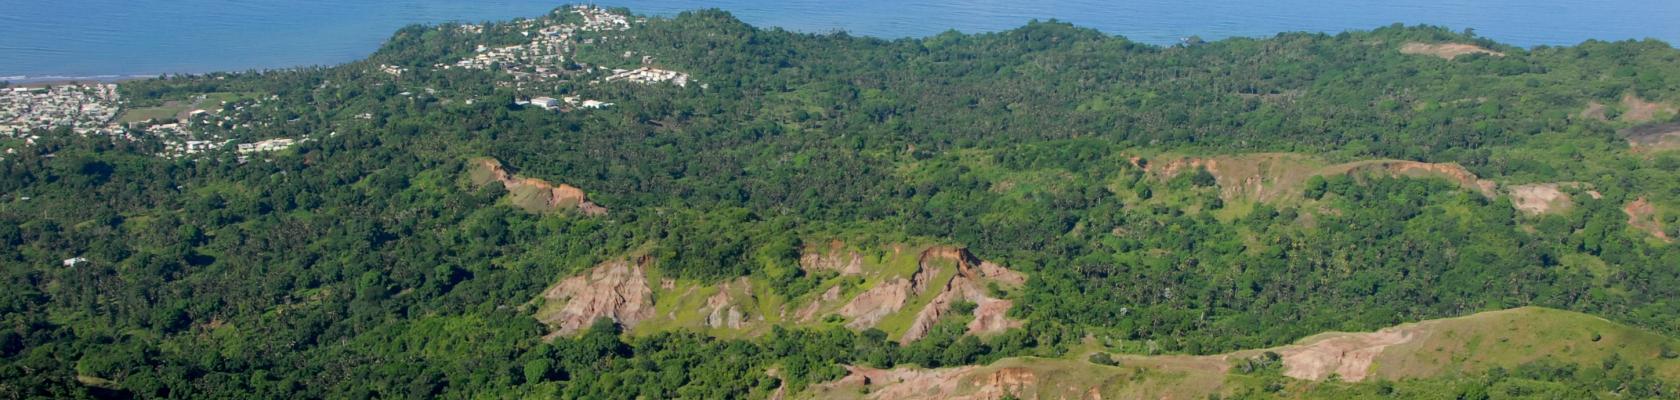 paysage, nature, Ile au Lagon, Mayotte, Bonillo